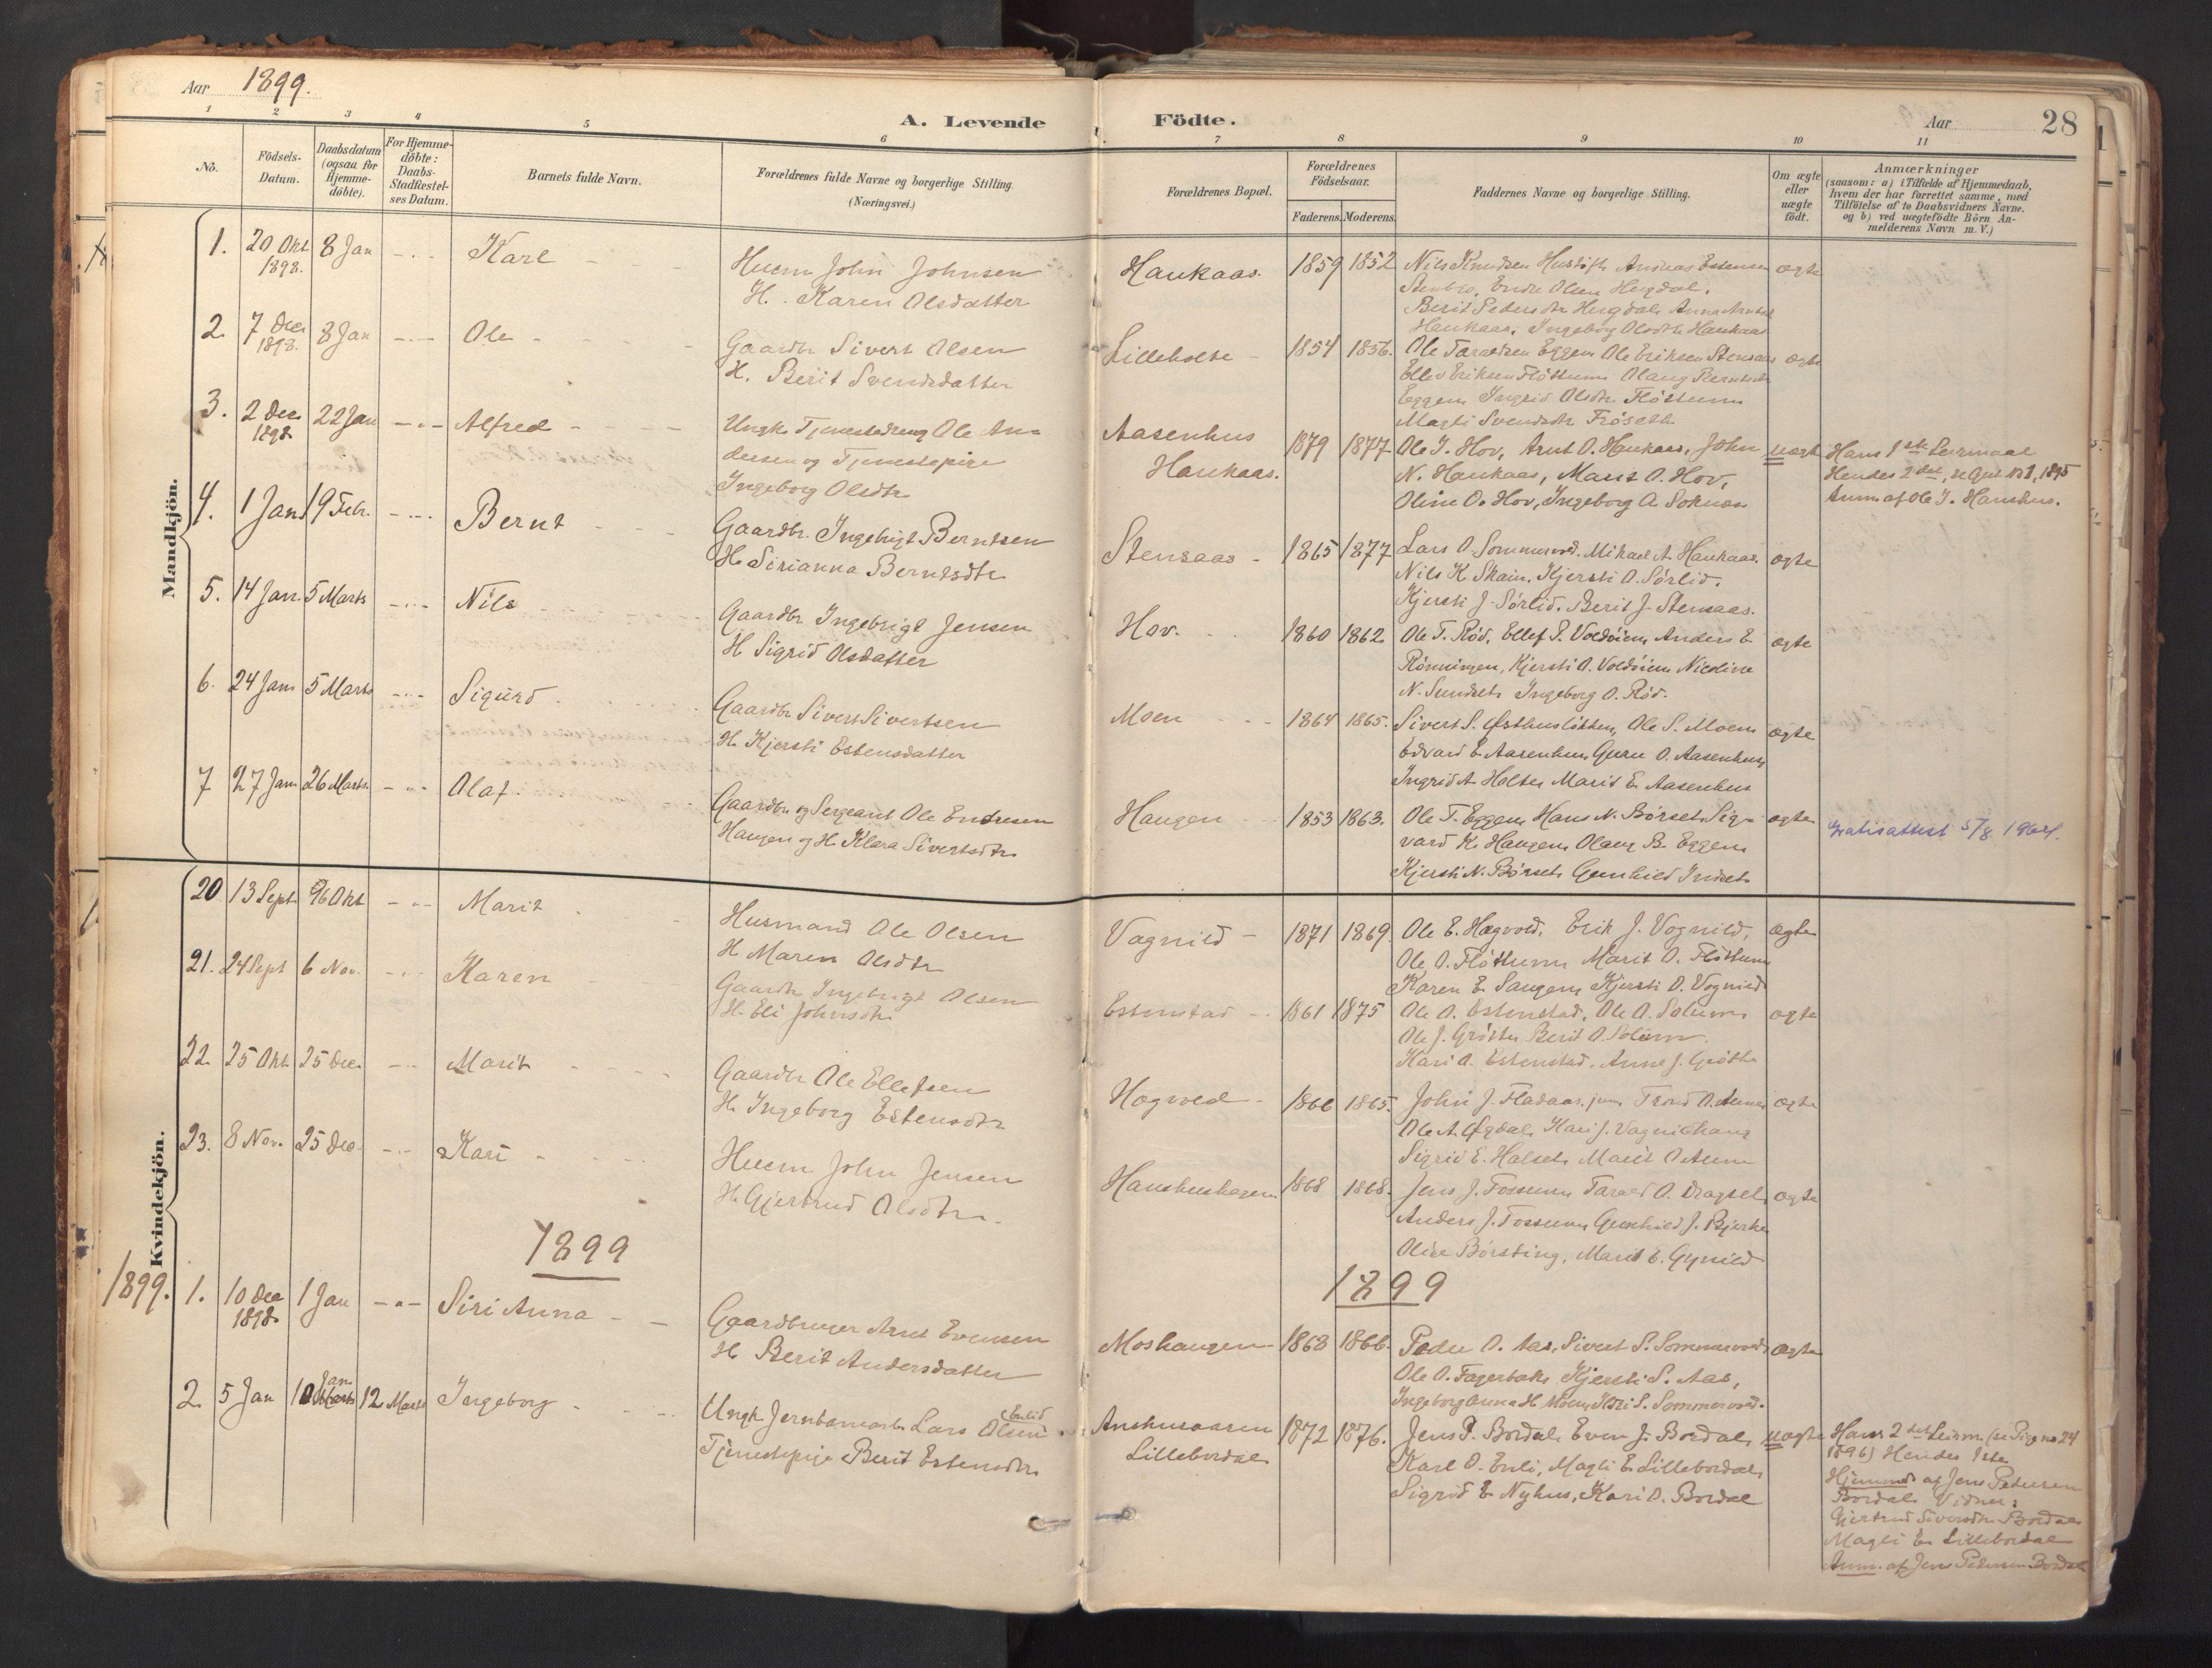 SAT, Ministerialprotokoller, klokkerbøker og fødselsregistre - Sør-Trøndelag, 689/L1041: Ministerialbok nr. 689A06, 1891-1923, s. 28